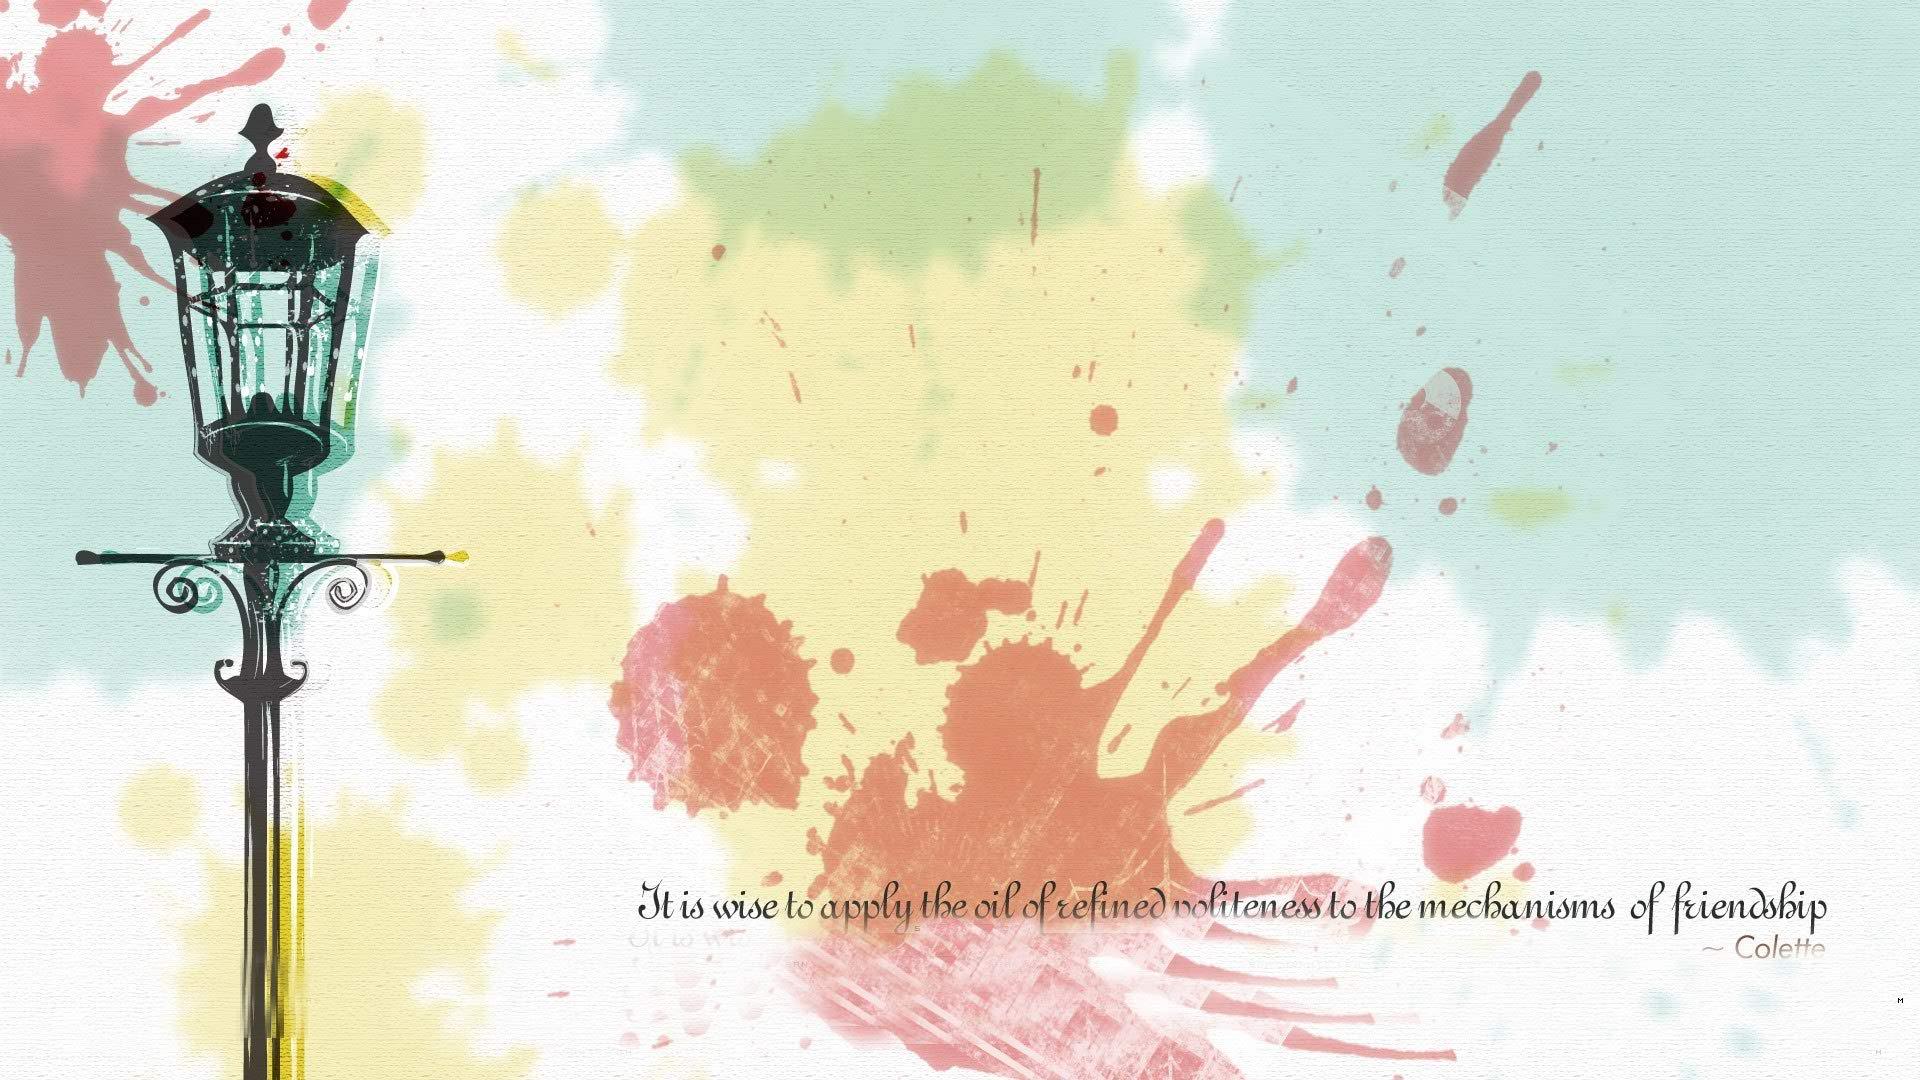 3d Cartoon Love Wallpaper Download Friendship Wallpapers 5916 Hdwpro